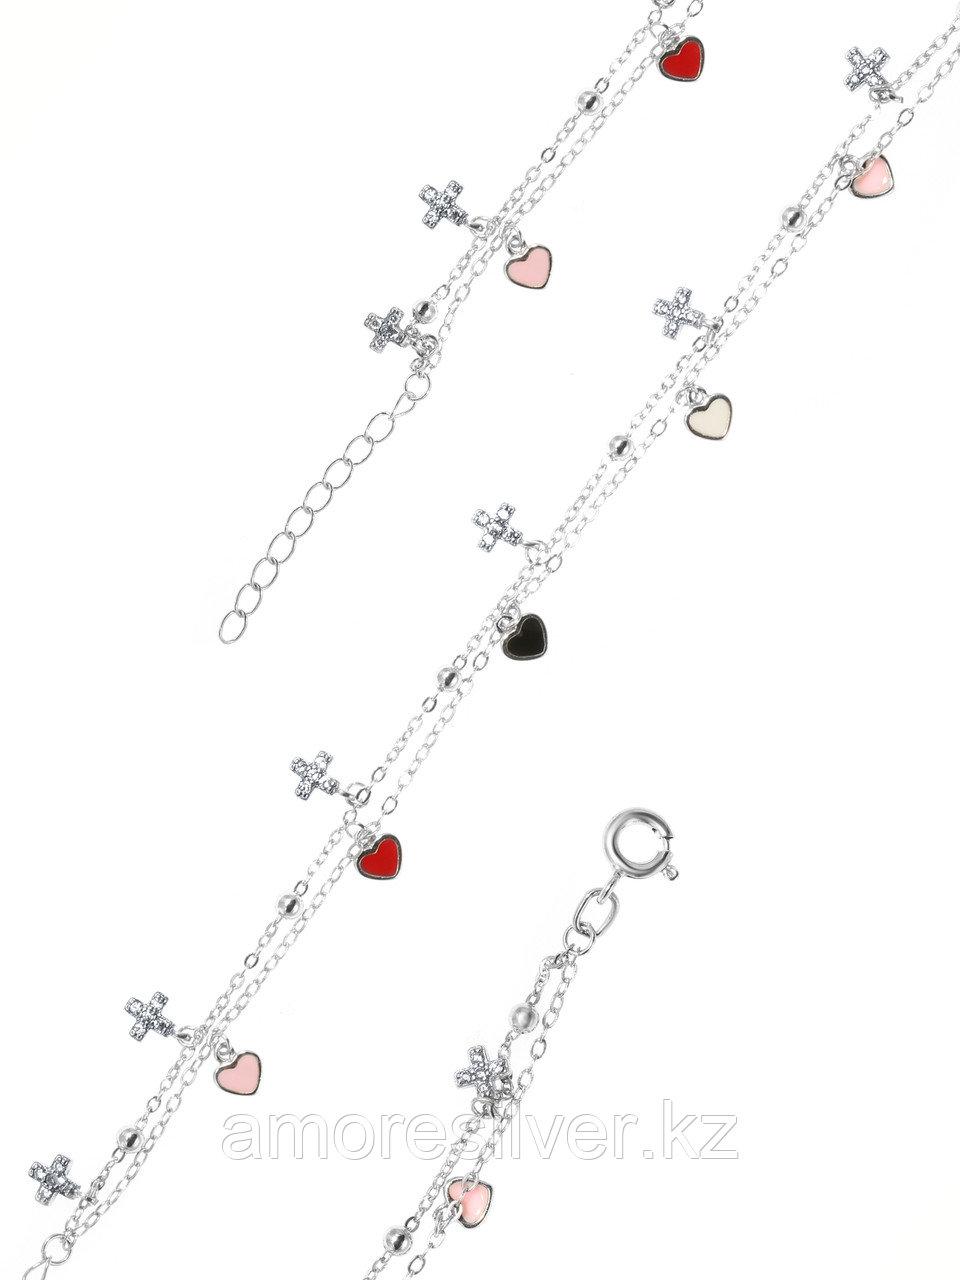 Браслет Адамант серебро с родием, фианит эмаль Ср925Р-8К3703016